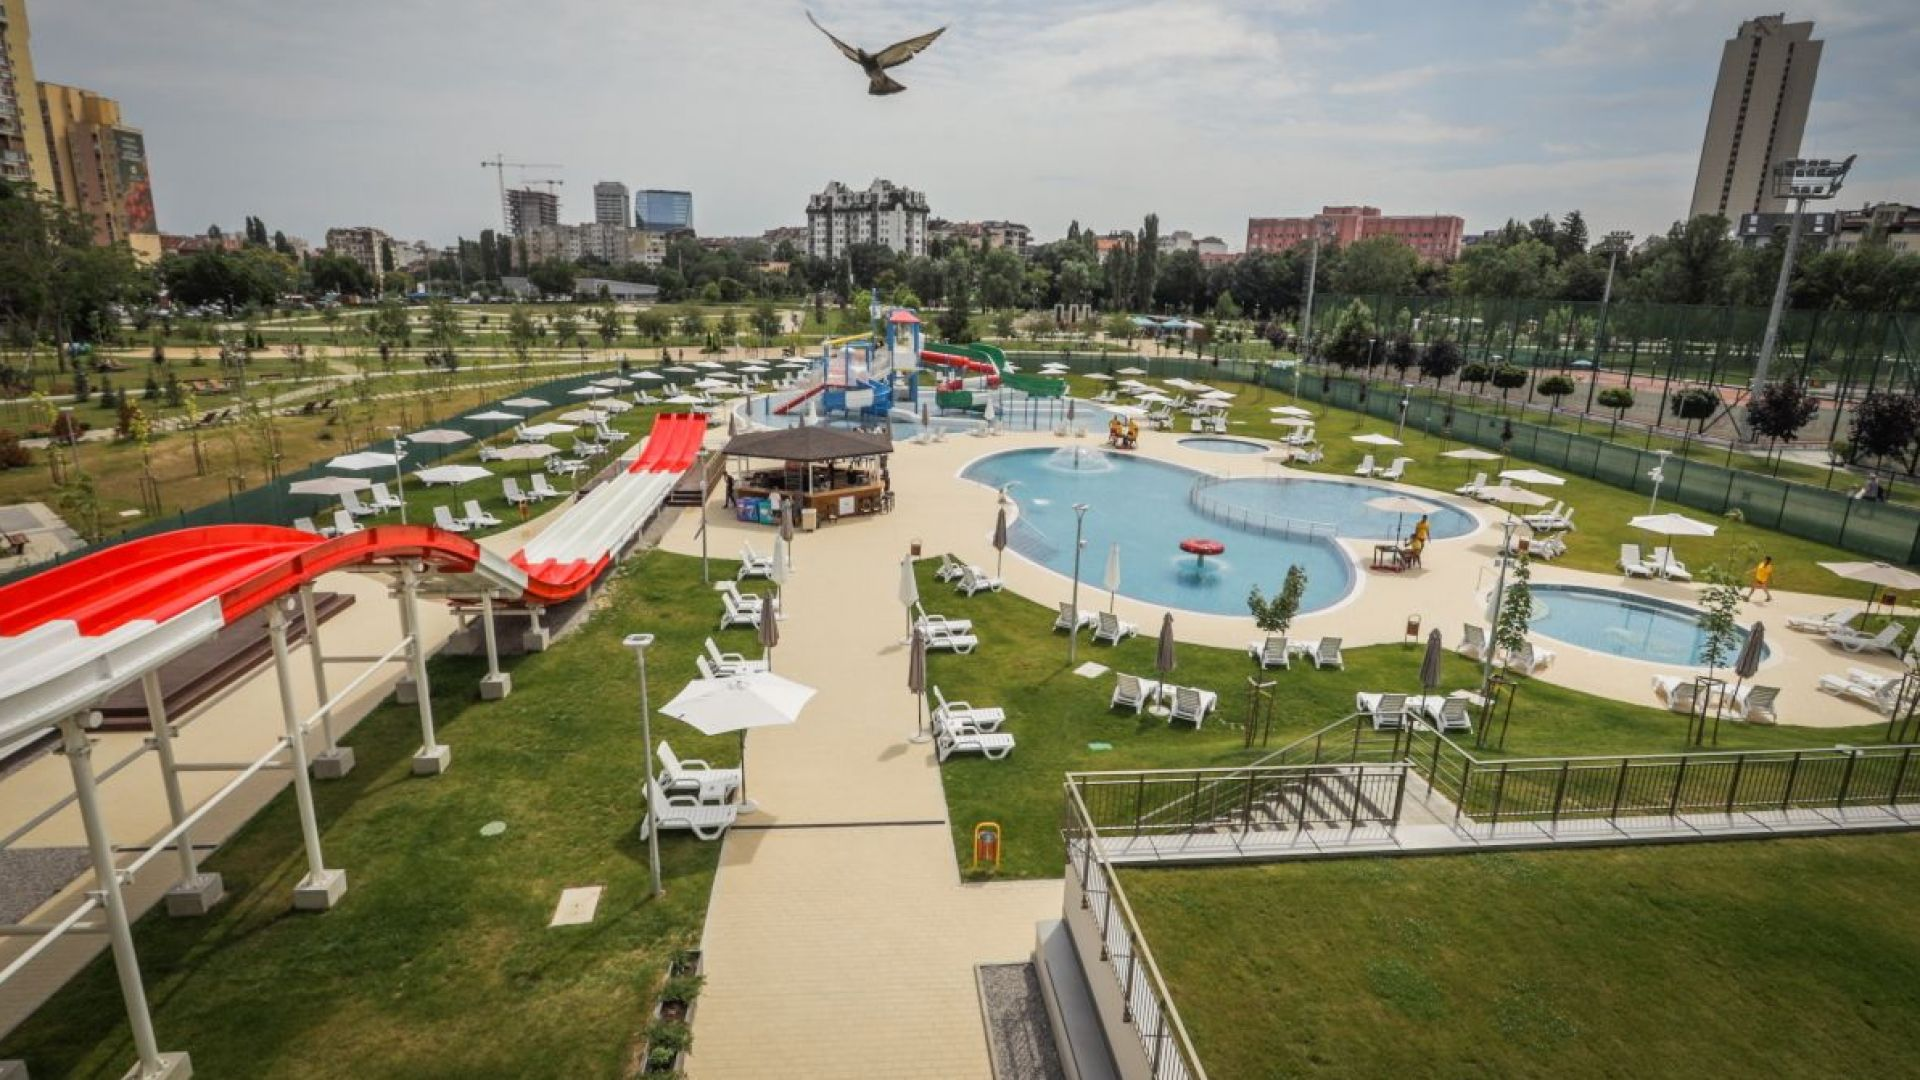 Първият в София аквапарк отвори врати с 5 външни басейна и 8 водни пързалки